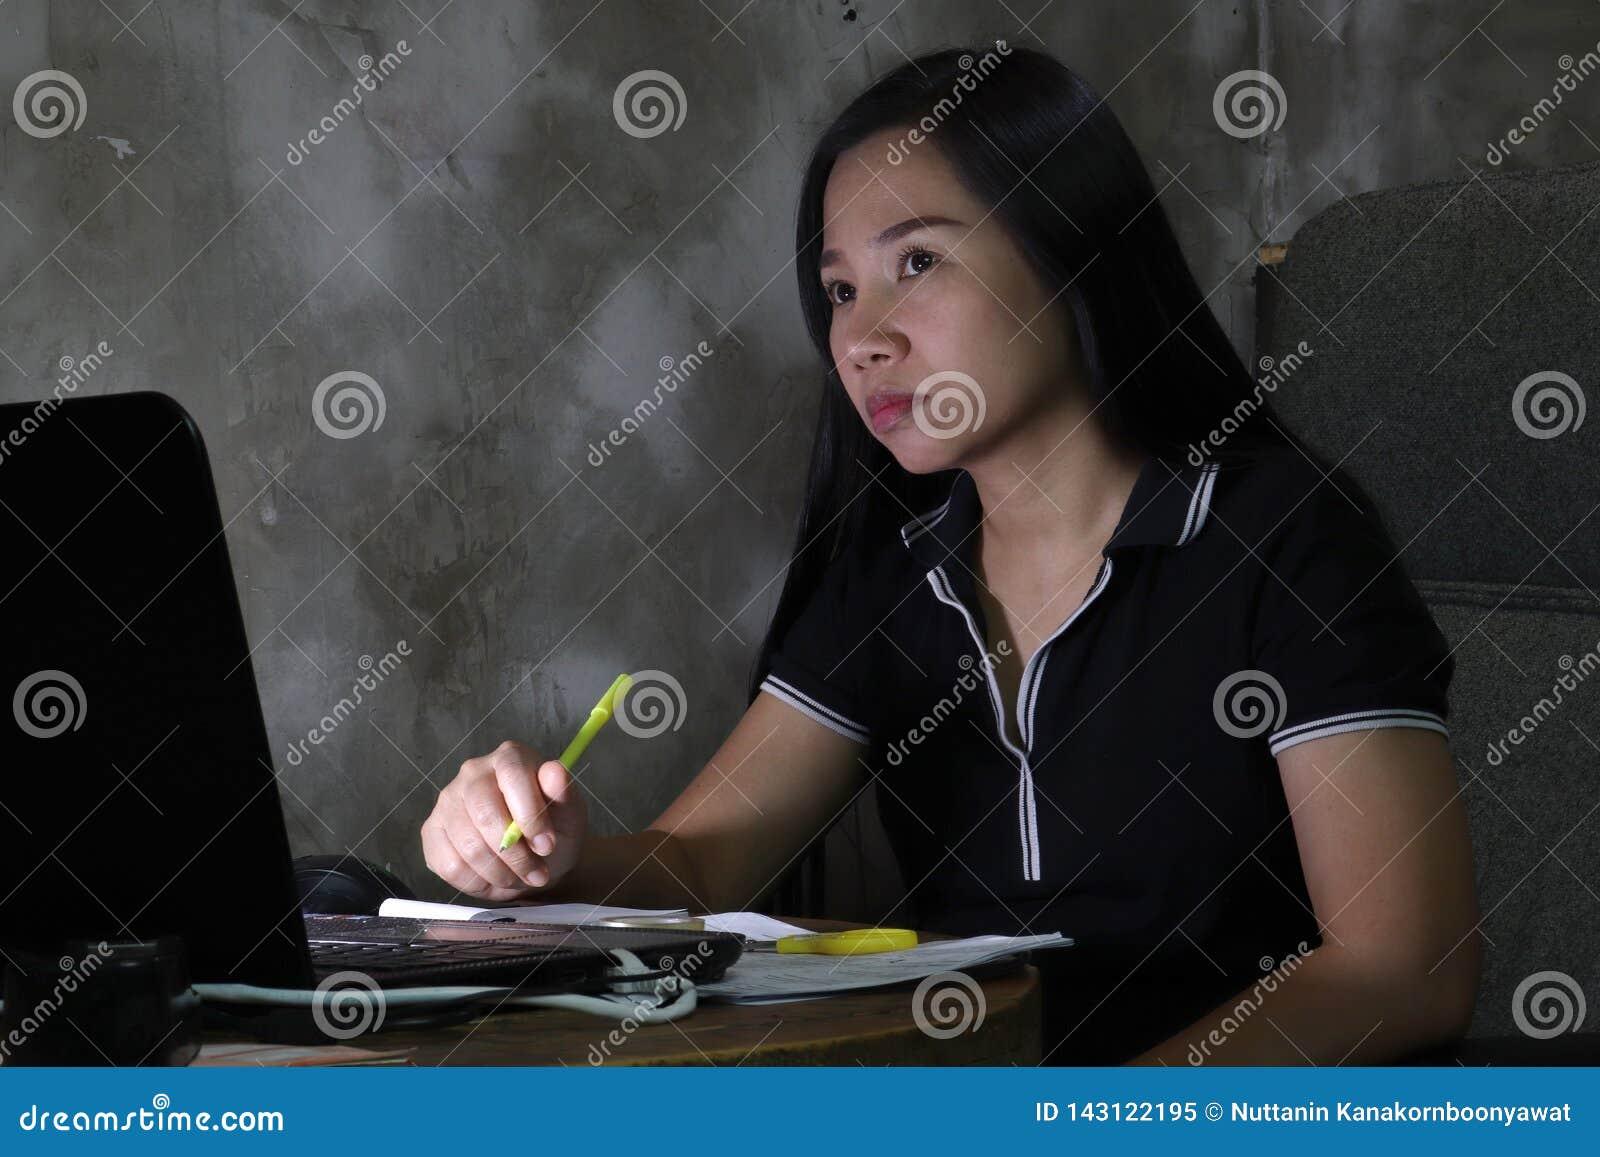 Mujer asiática que trabaja del hogar atrasado en el trabajo nocturno en concepto de iluminación pobre la luz oscura tiene cierto